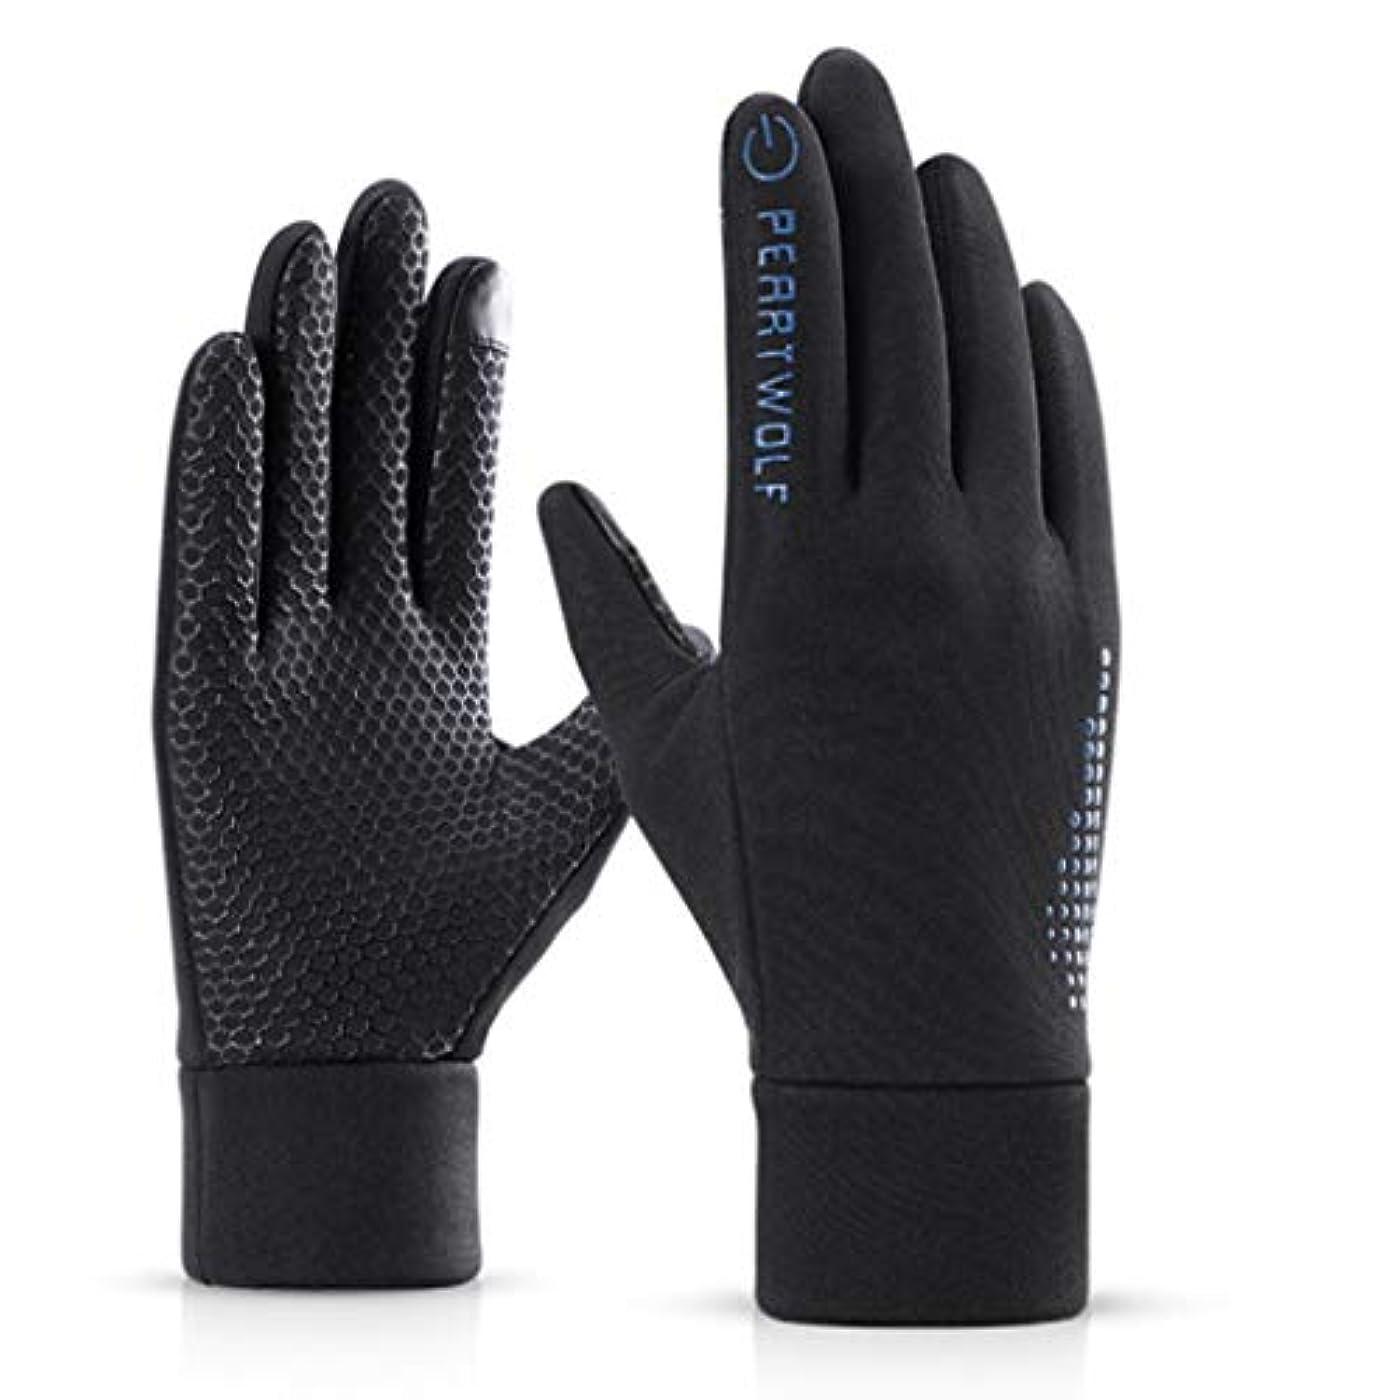 インシュレータファントムパースブラックボロウ手袋男性の冬のライディングプラスベルベット暖かい防風冷たい韓国人の学生のタッチスクリーンスポーツメンズ手袋